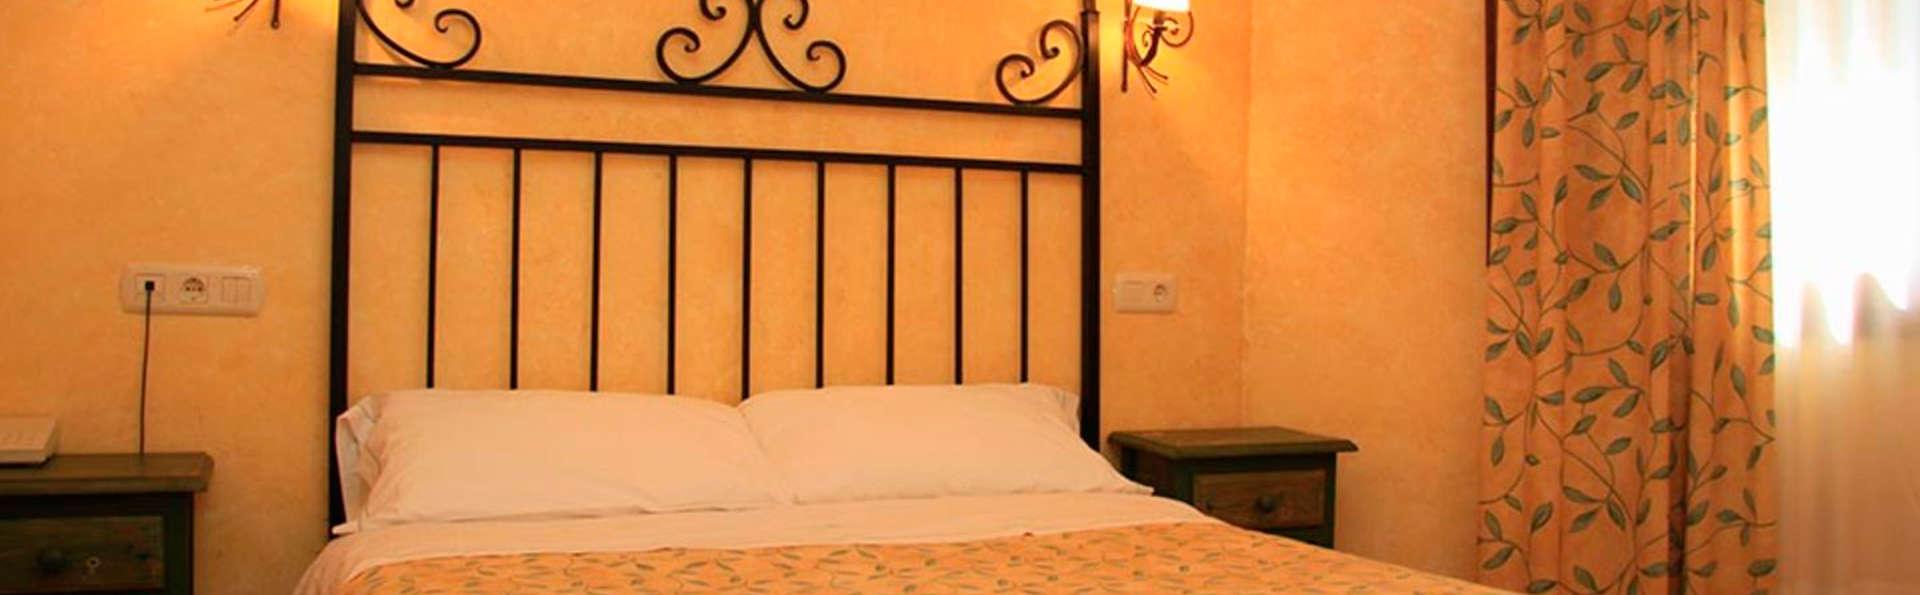 Hotel Abadia Puebla de Arenoso - EDIT_room1.jpg